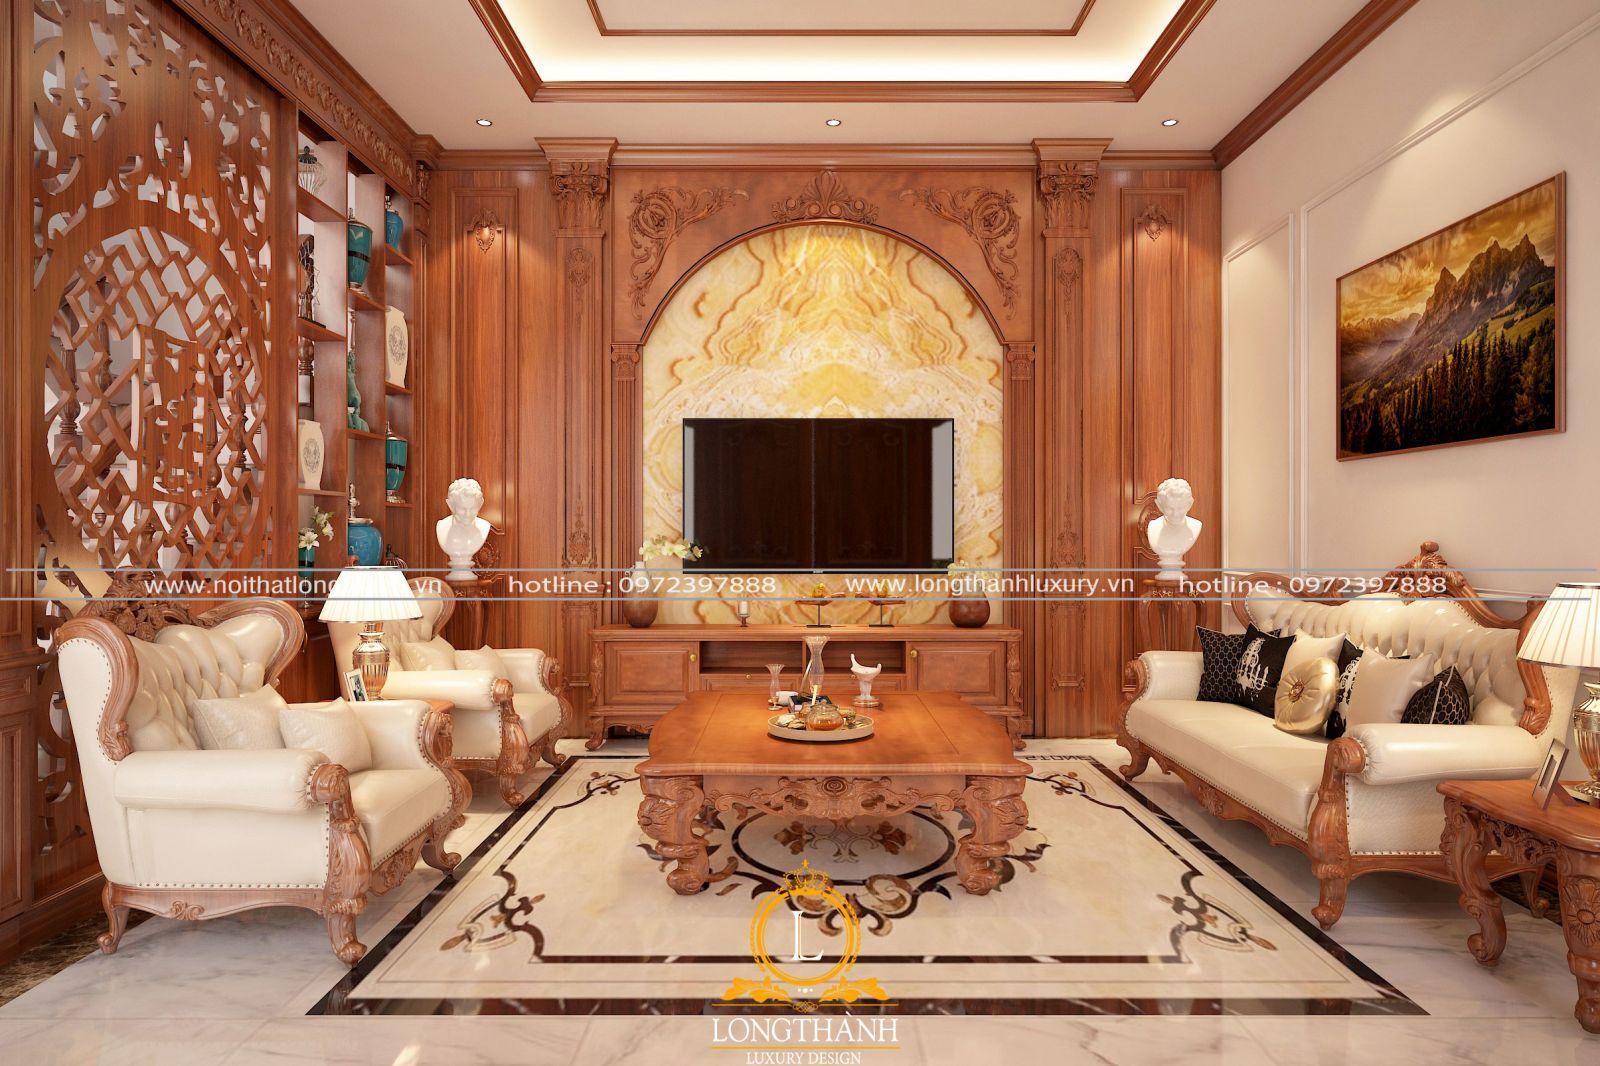 Tìm hiểu về thiết kế nội thất cho nhà biệt thự mini